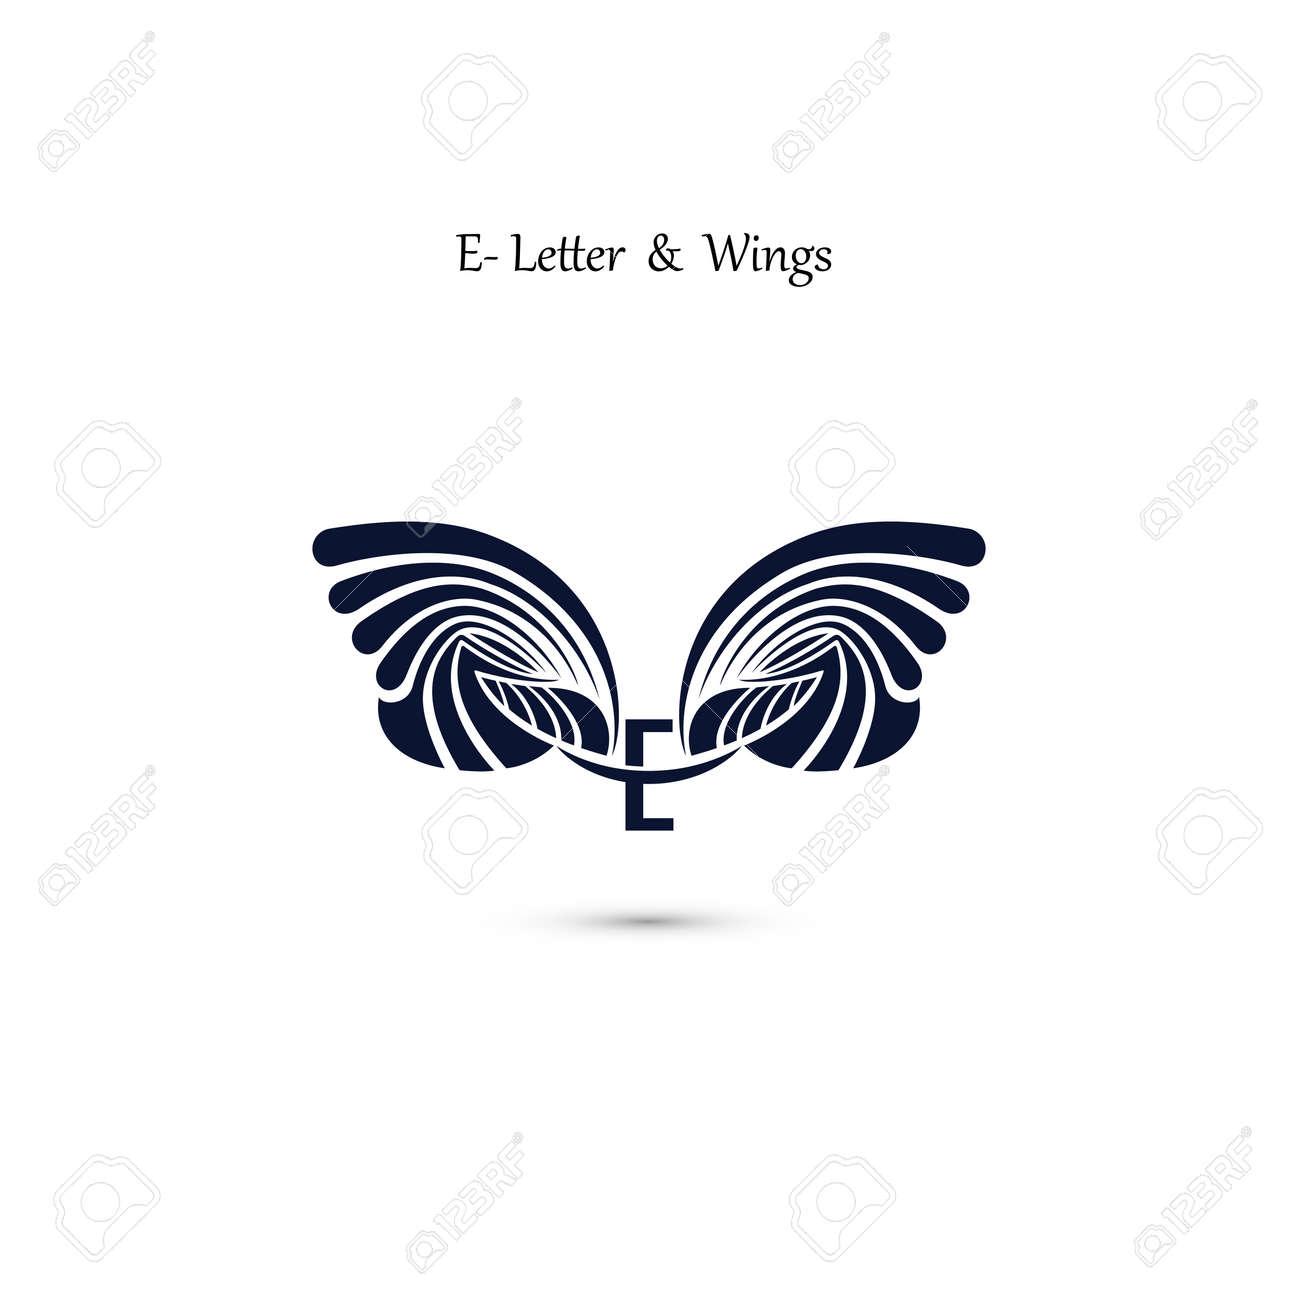 E-Buchstaben-Zeichen Und Engel Flügel.Monogramm Flügel Vektor-Logo ...